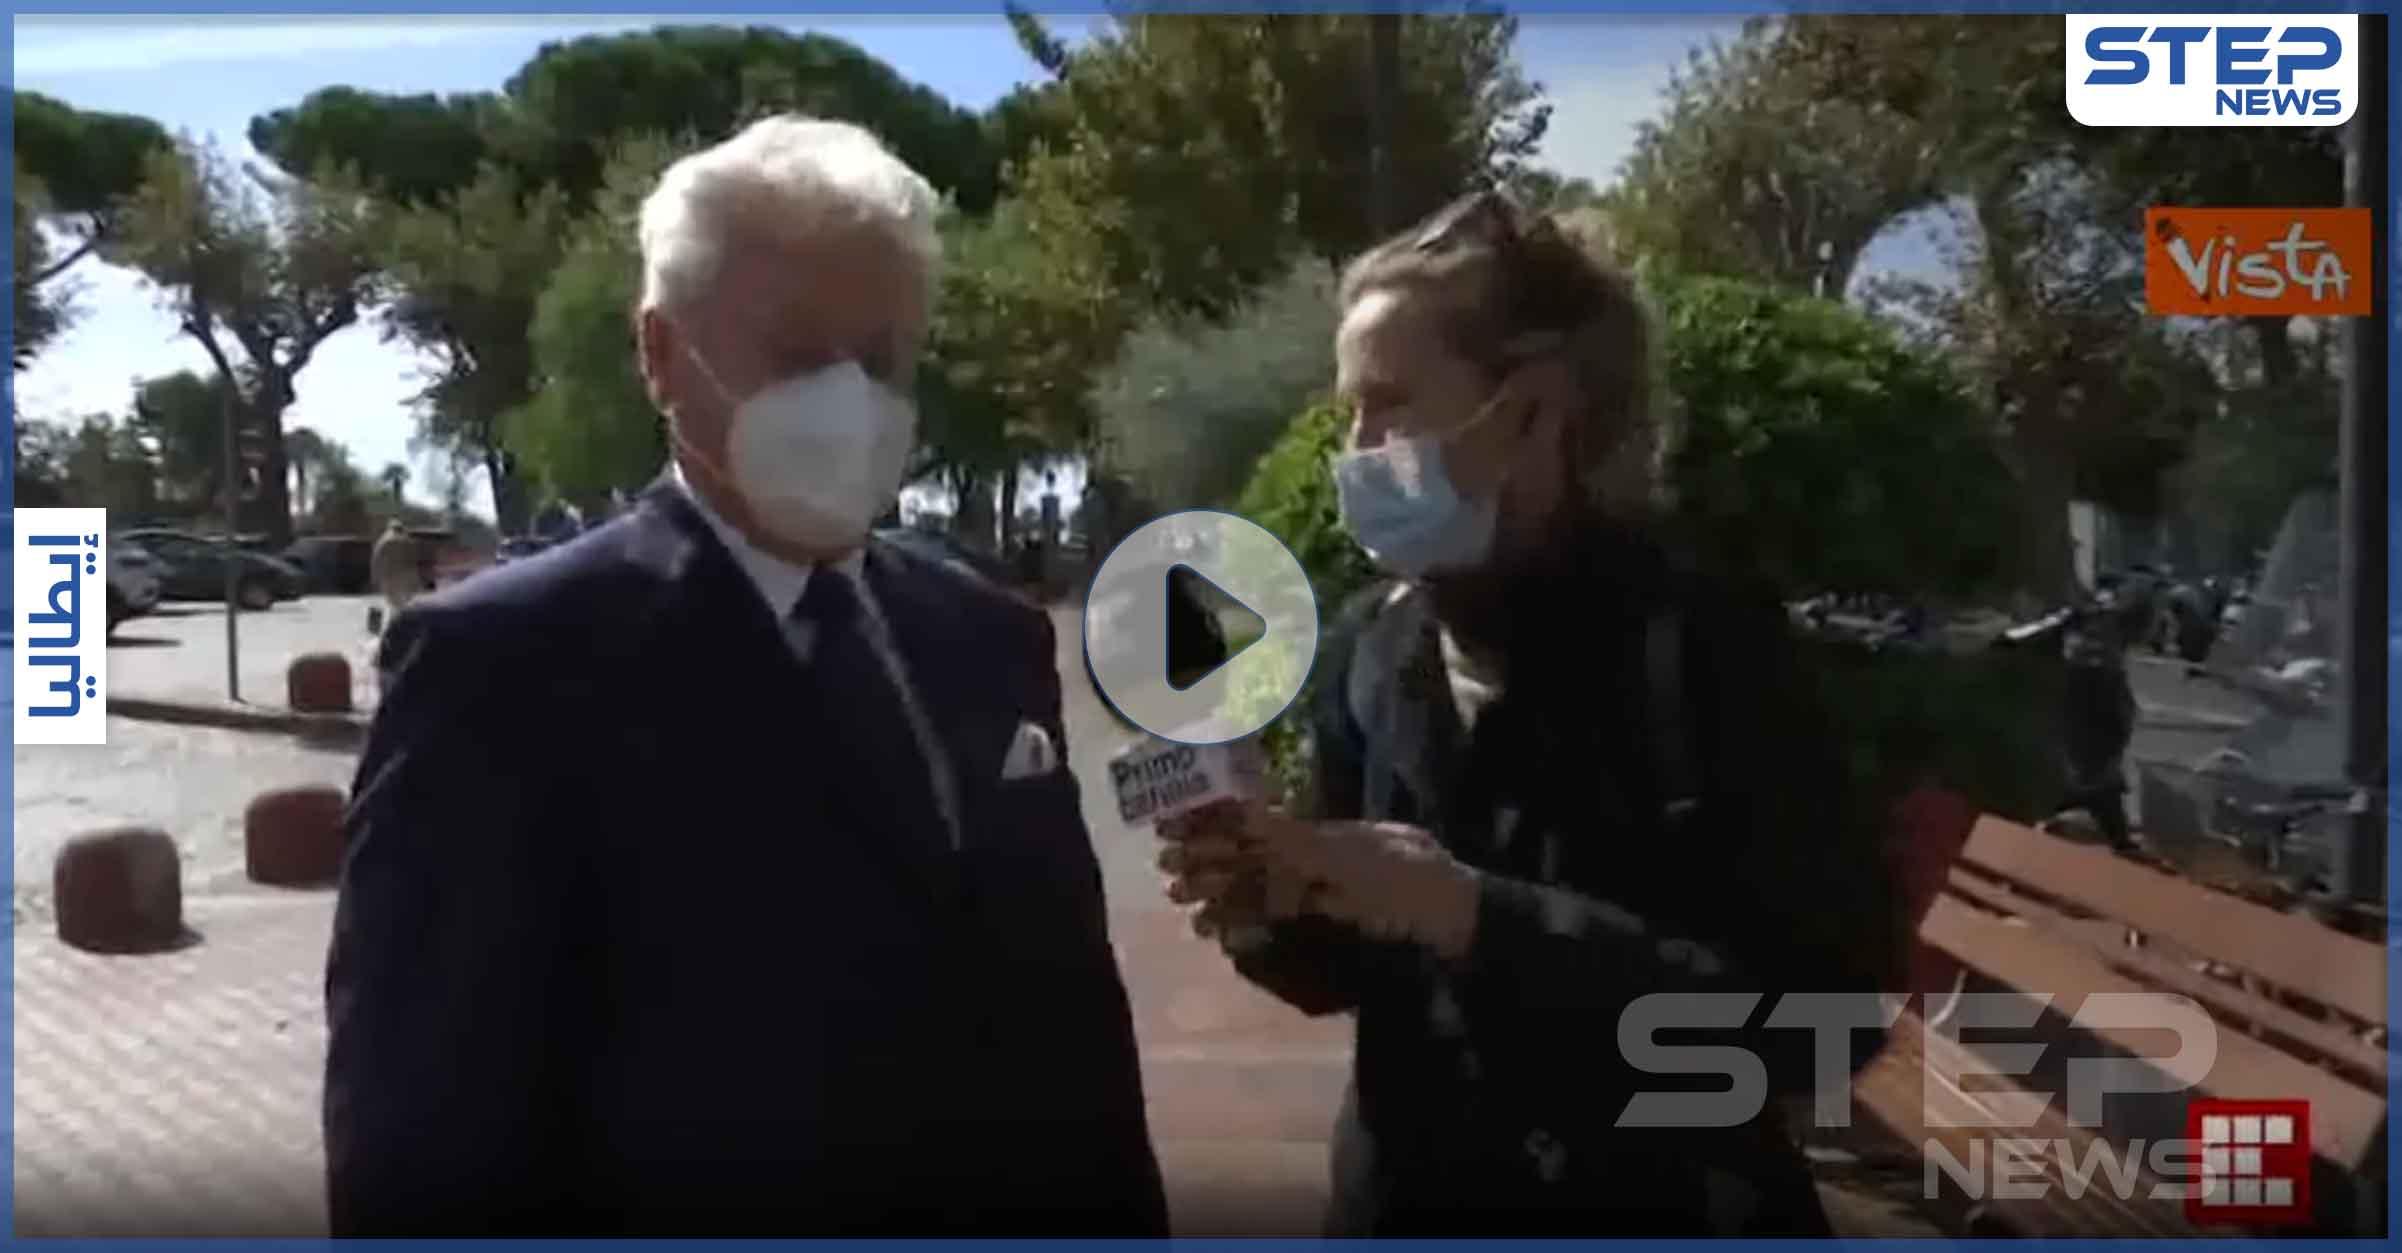 بالفيديو|| عمدة بلدية إيطالي يتعرض إلى عملية سرقة على الهواء مباشرةً